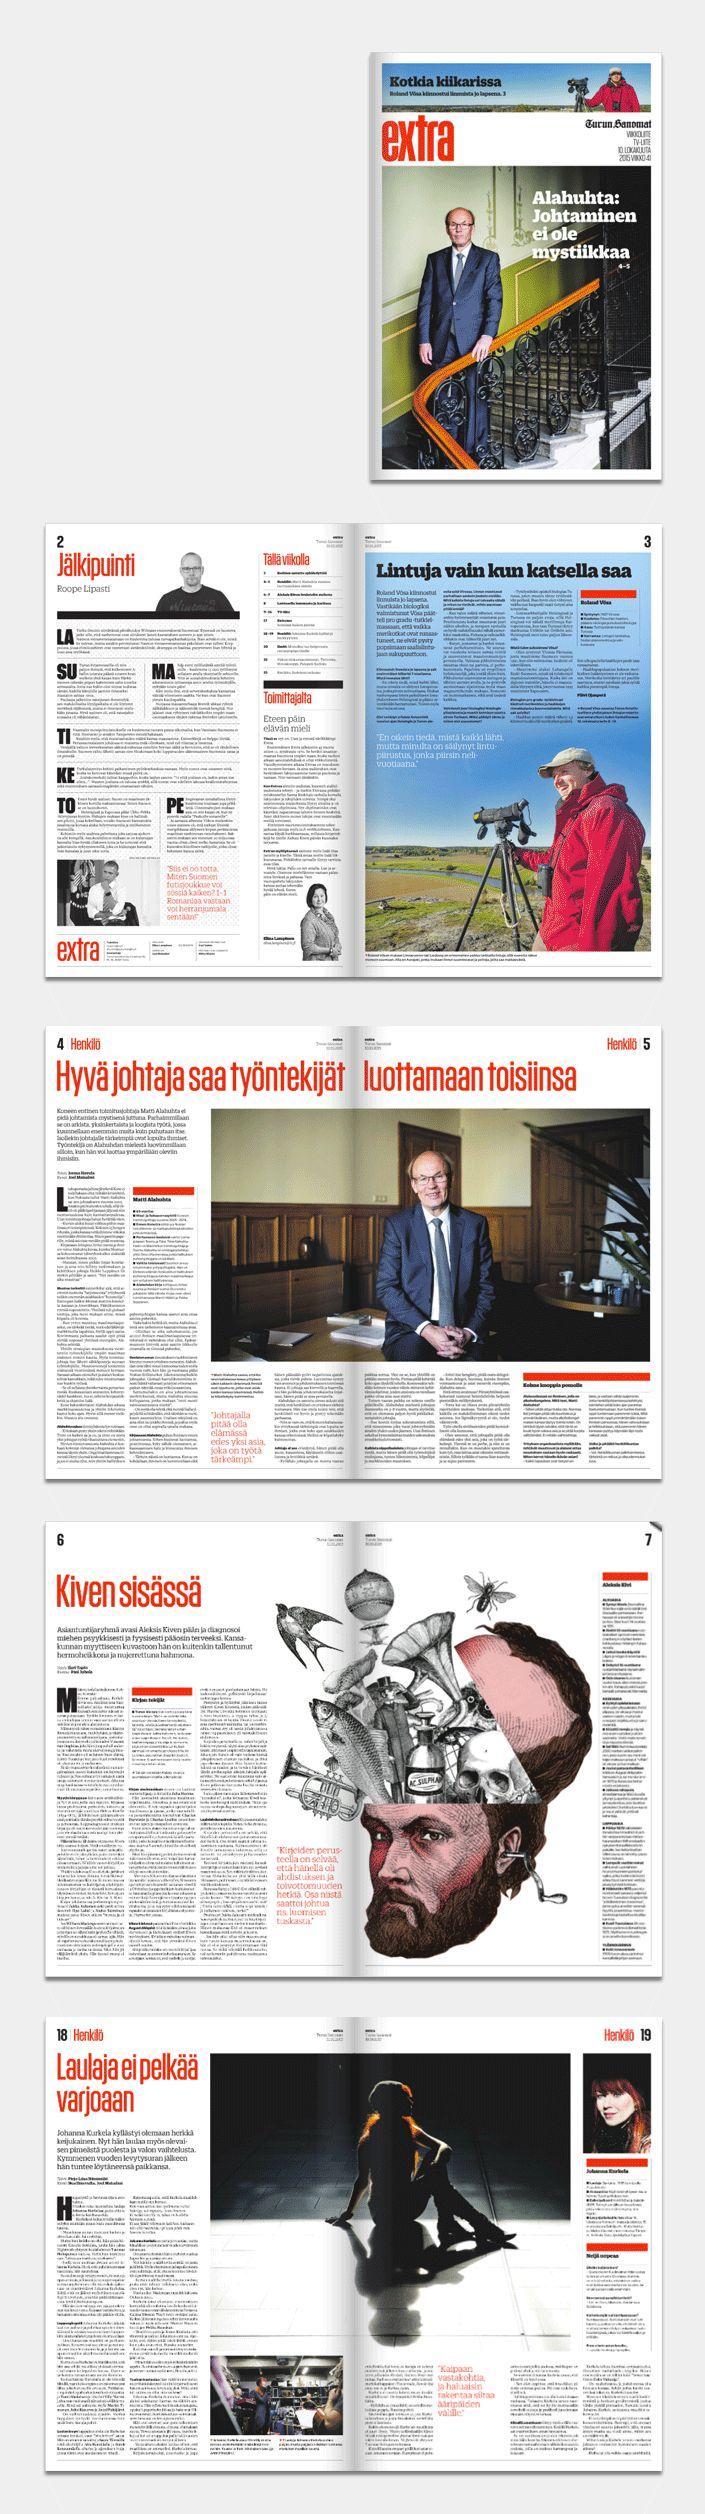 Diseño periodístico / rediseño del periódico finlandés Turun Sanomat